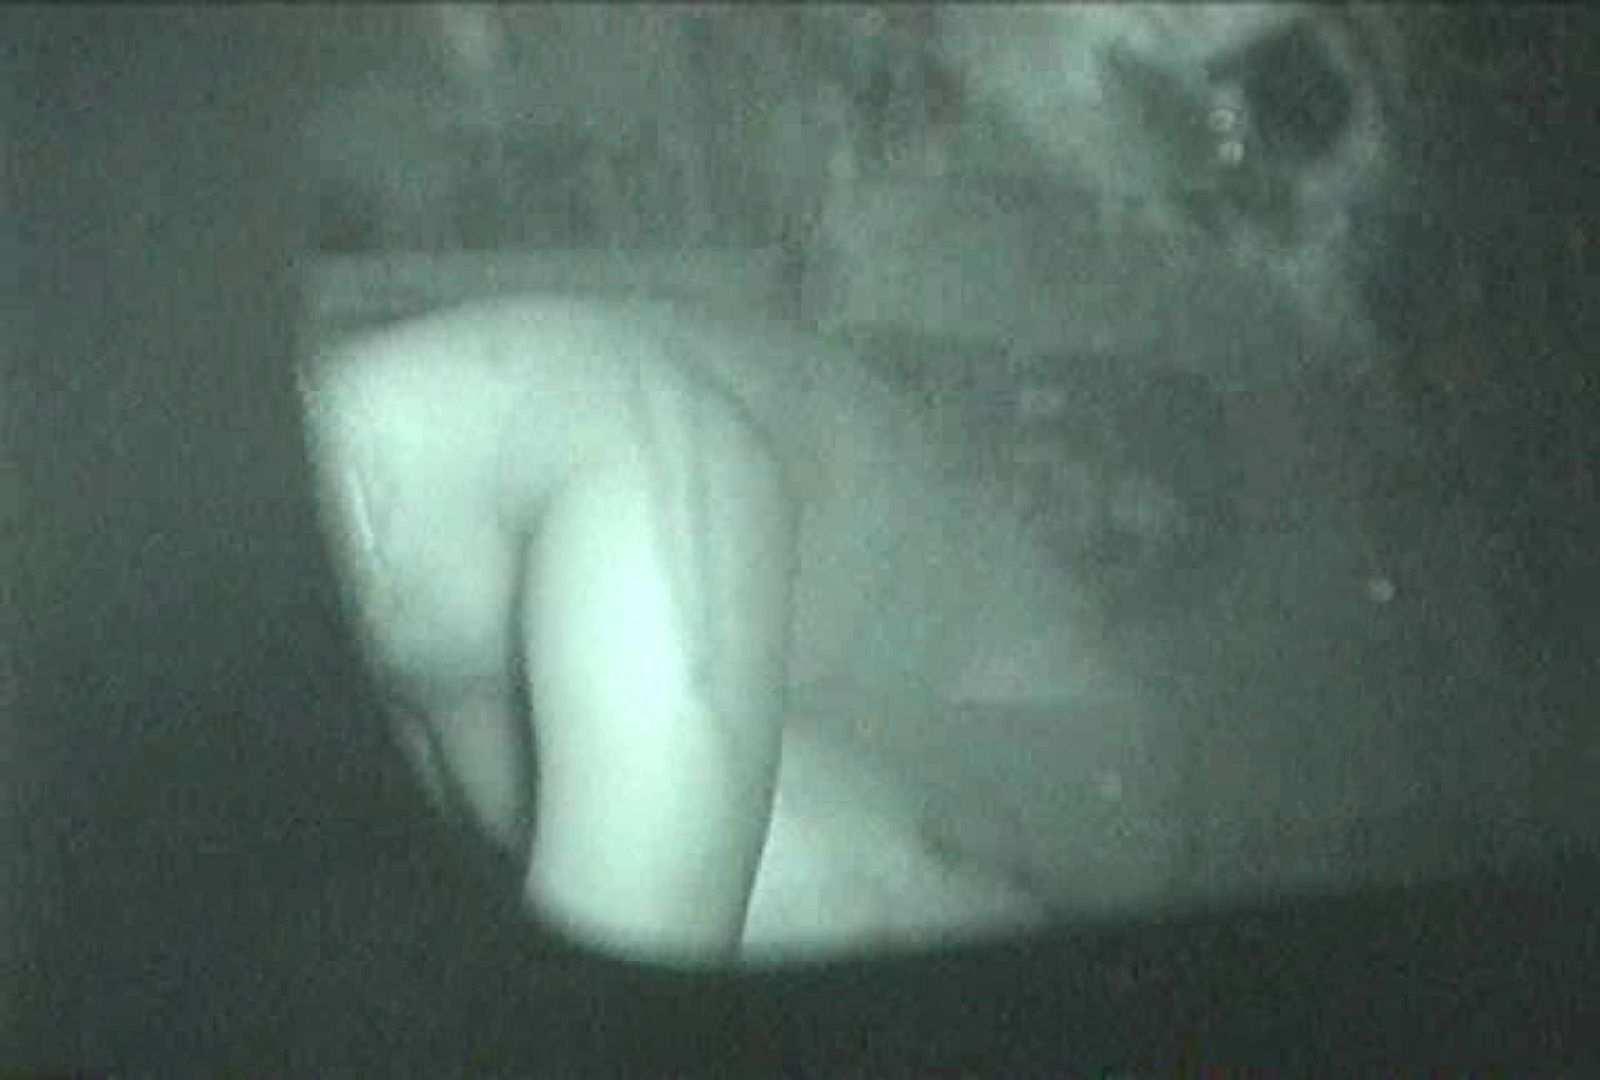 充血監督の深夜の運動会Vol.87 マンコ・ムレムレ | 美しいOLの裸体  83pic 81